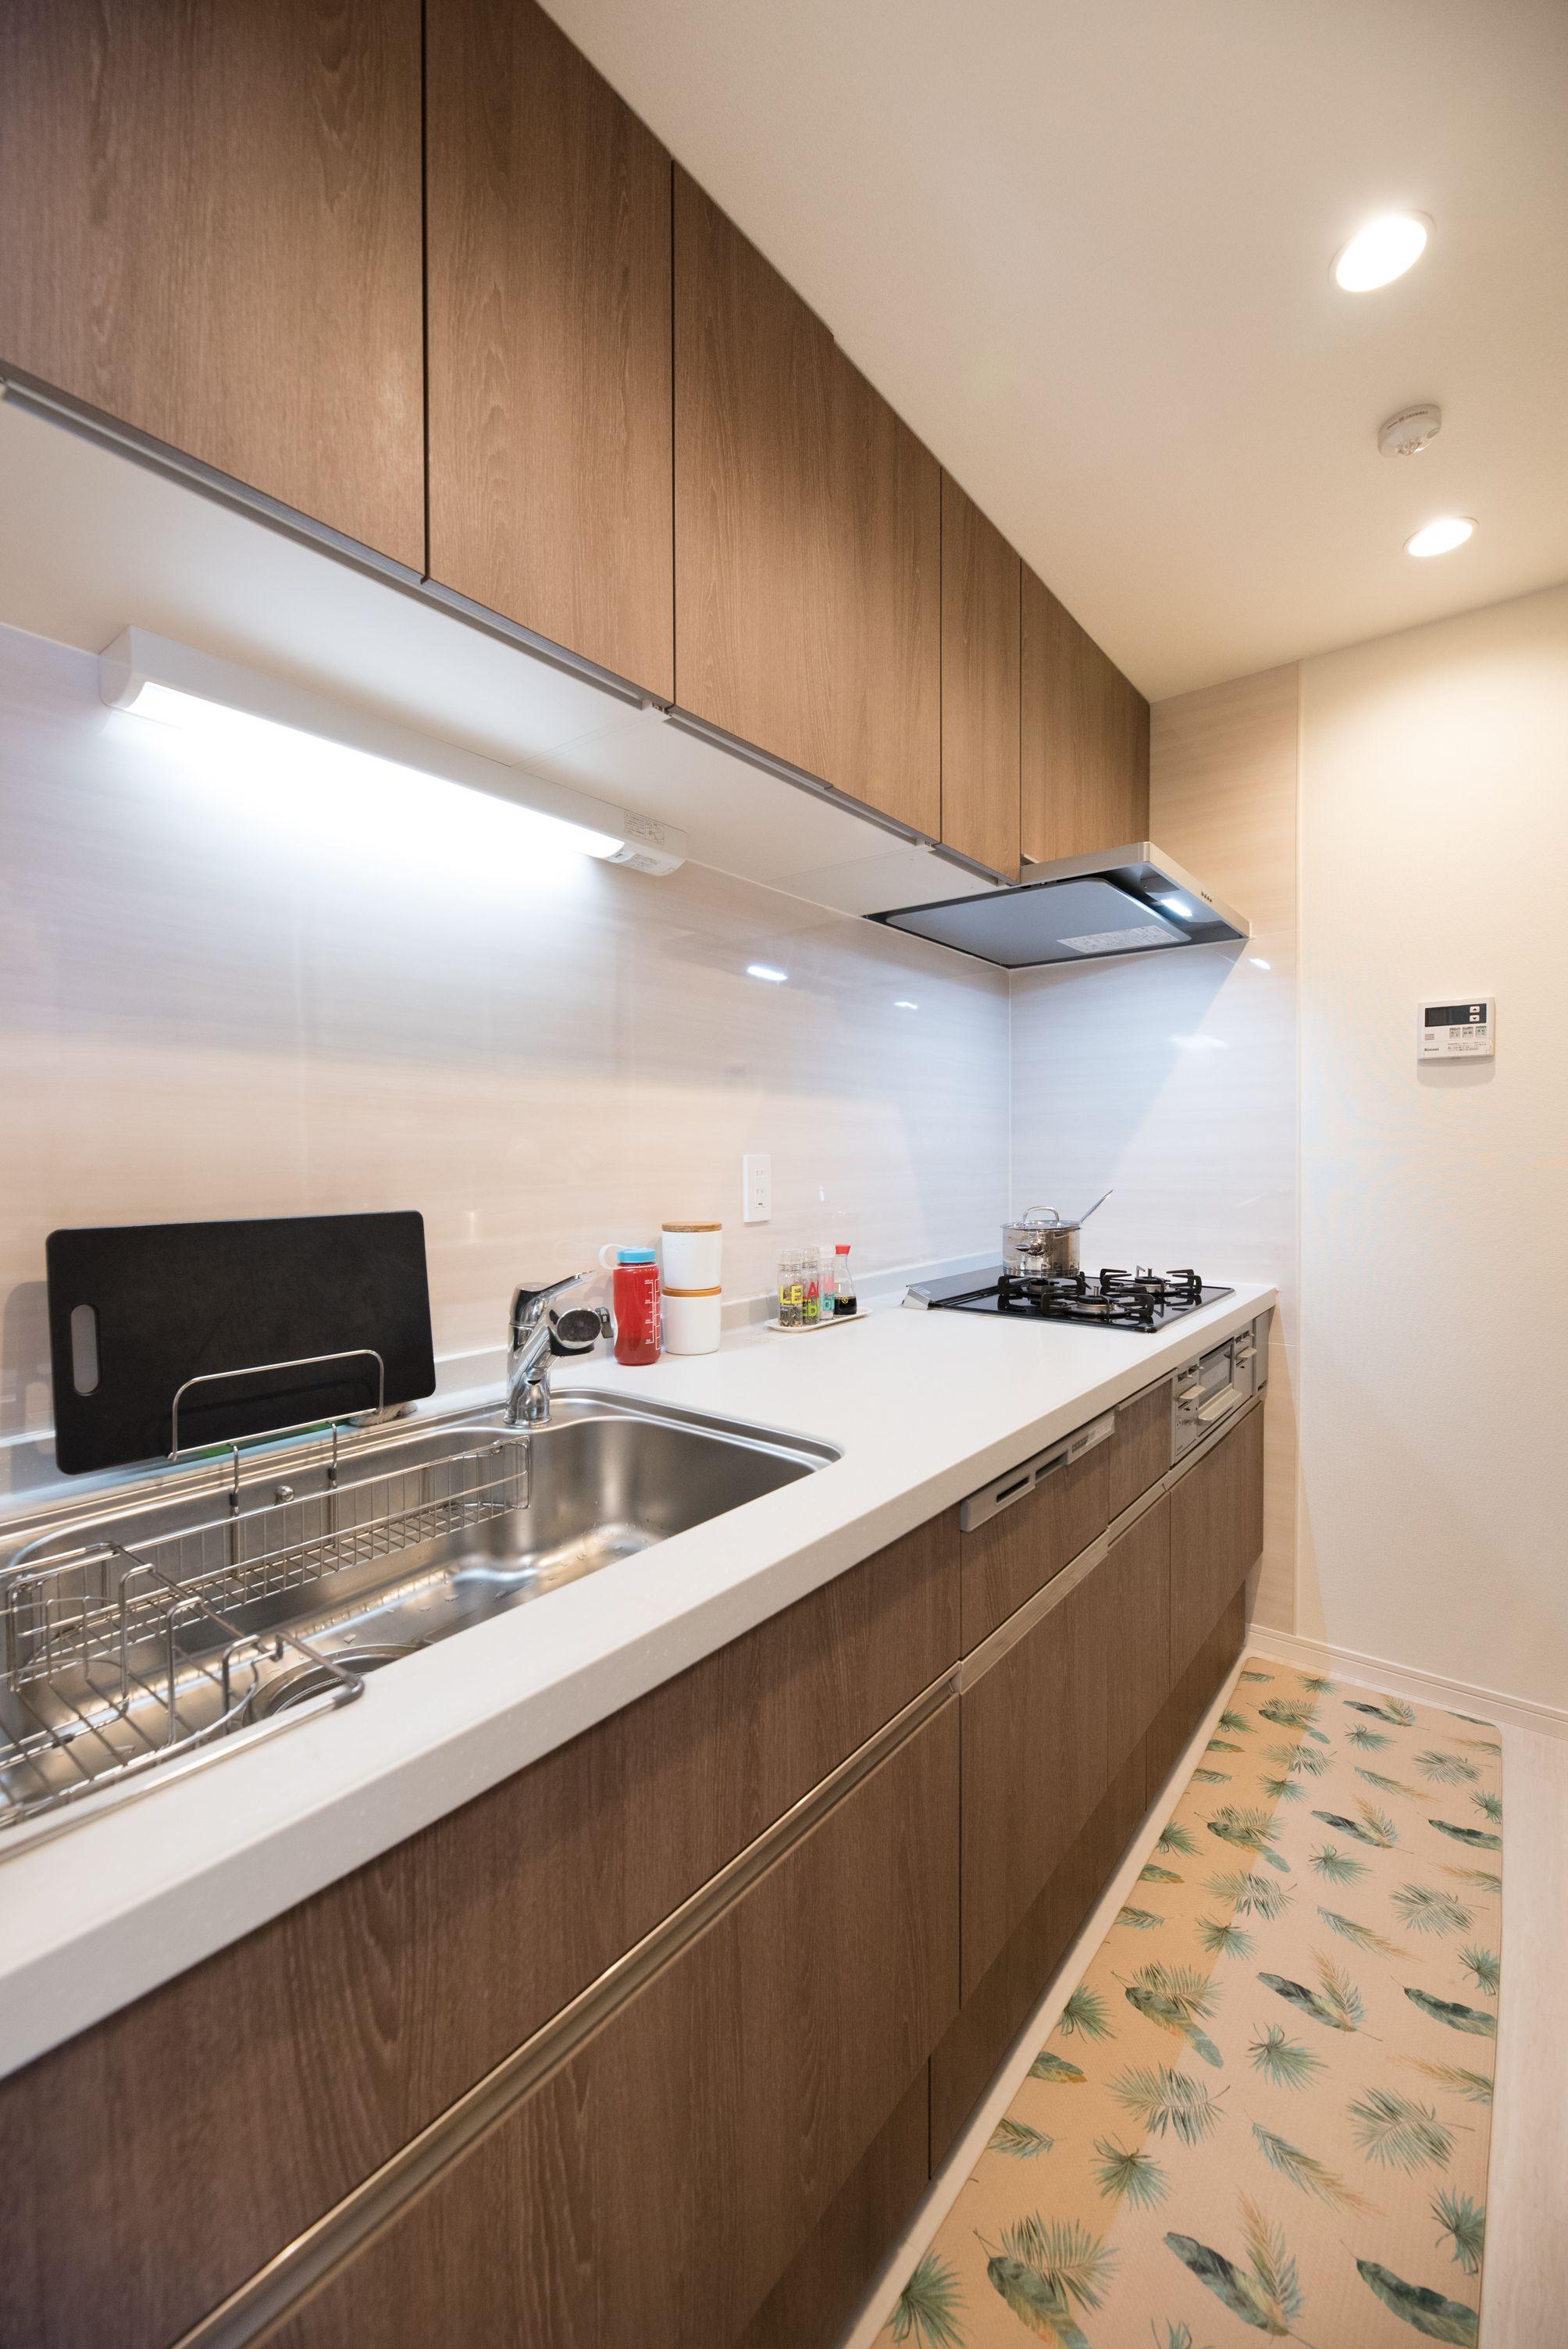 094 4人の育ち盛り 日本のキッチン キッチン シンプル